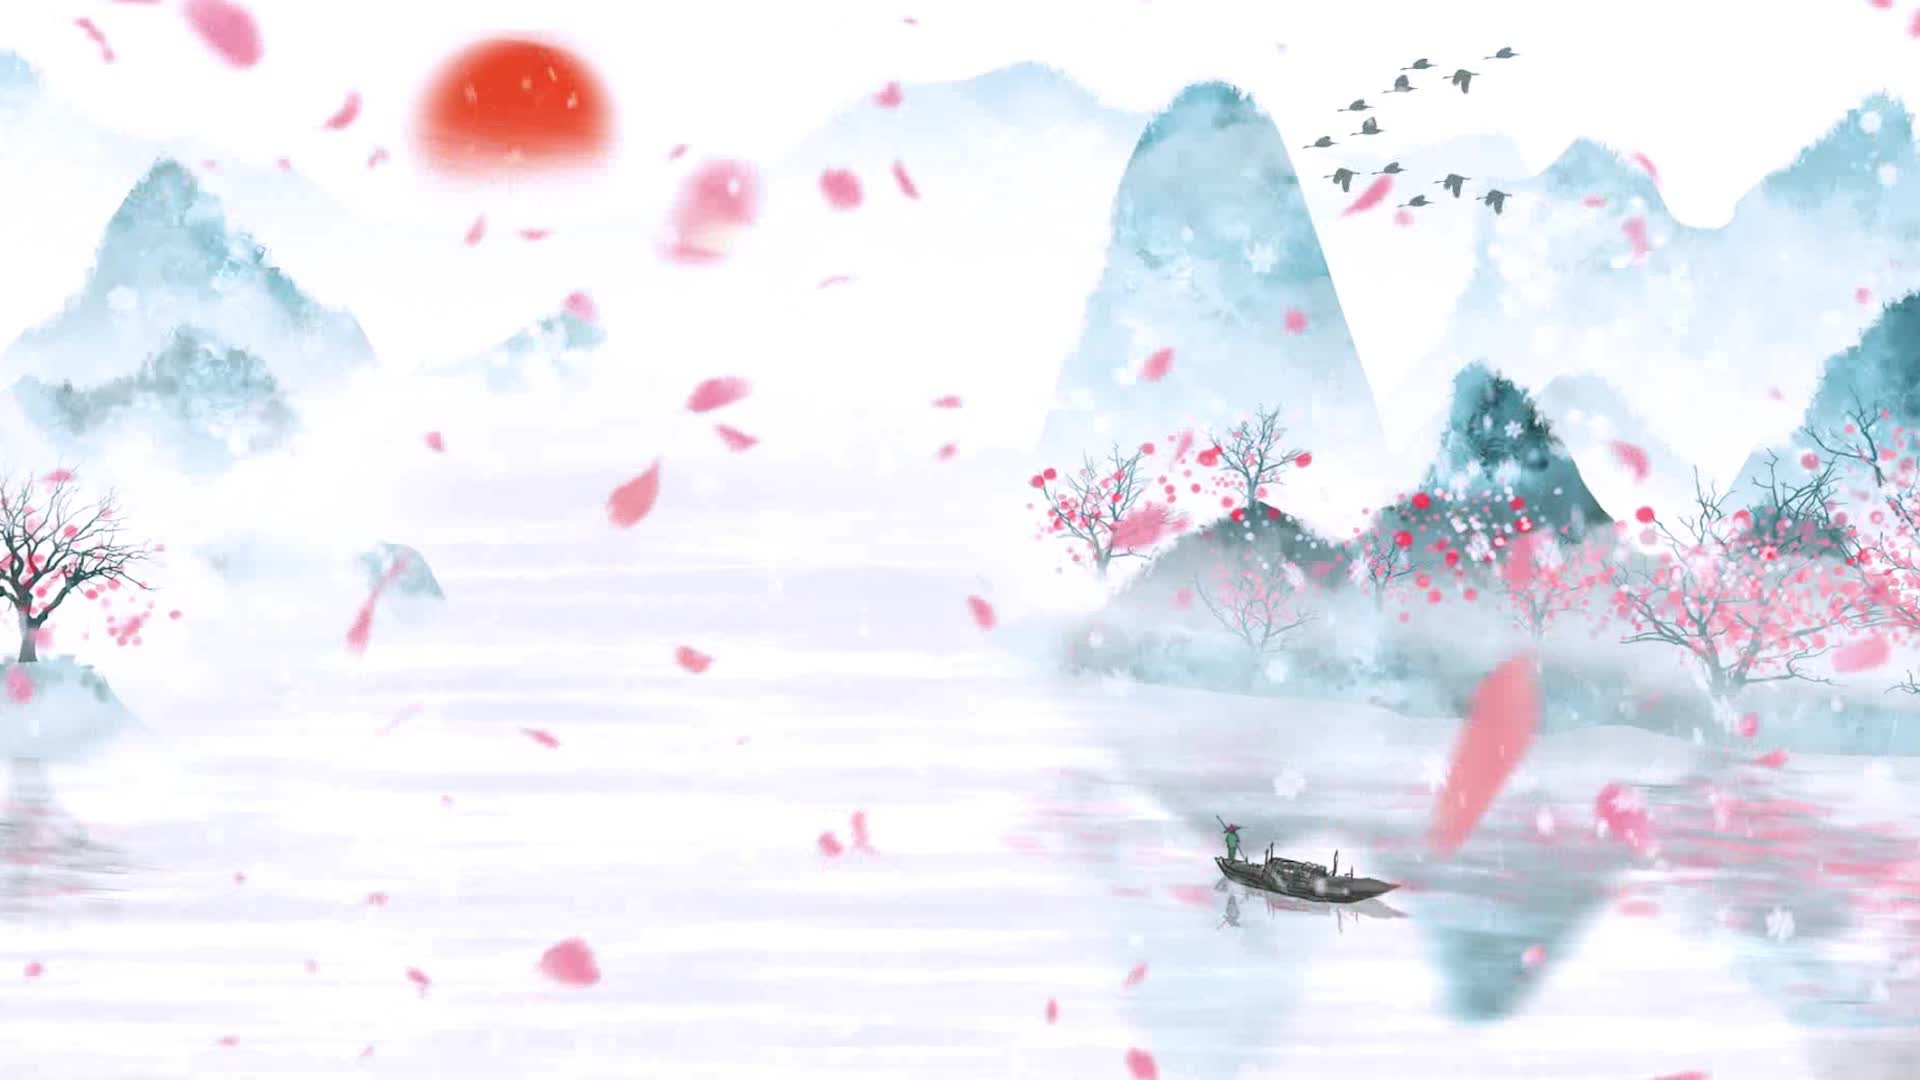 女生版烟雨行舟led视频背景素材